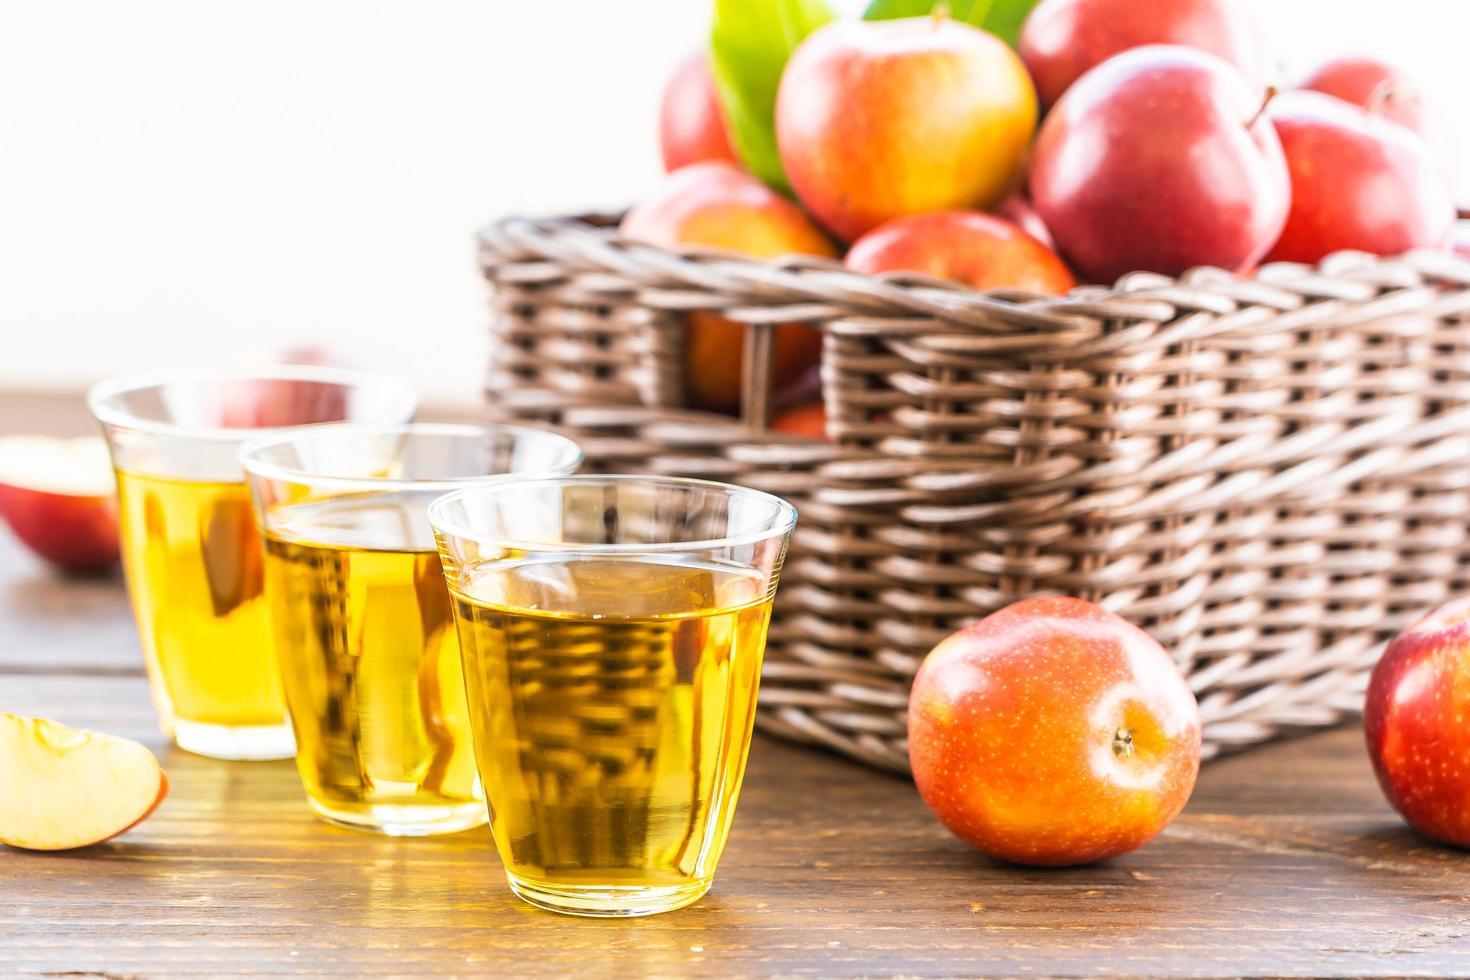 äppeljuice i glas och äpplen i korgen foto